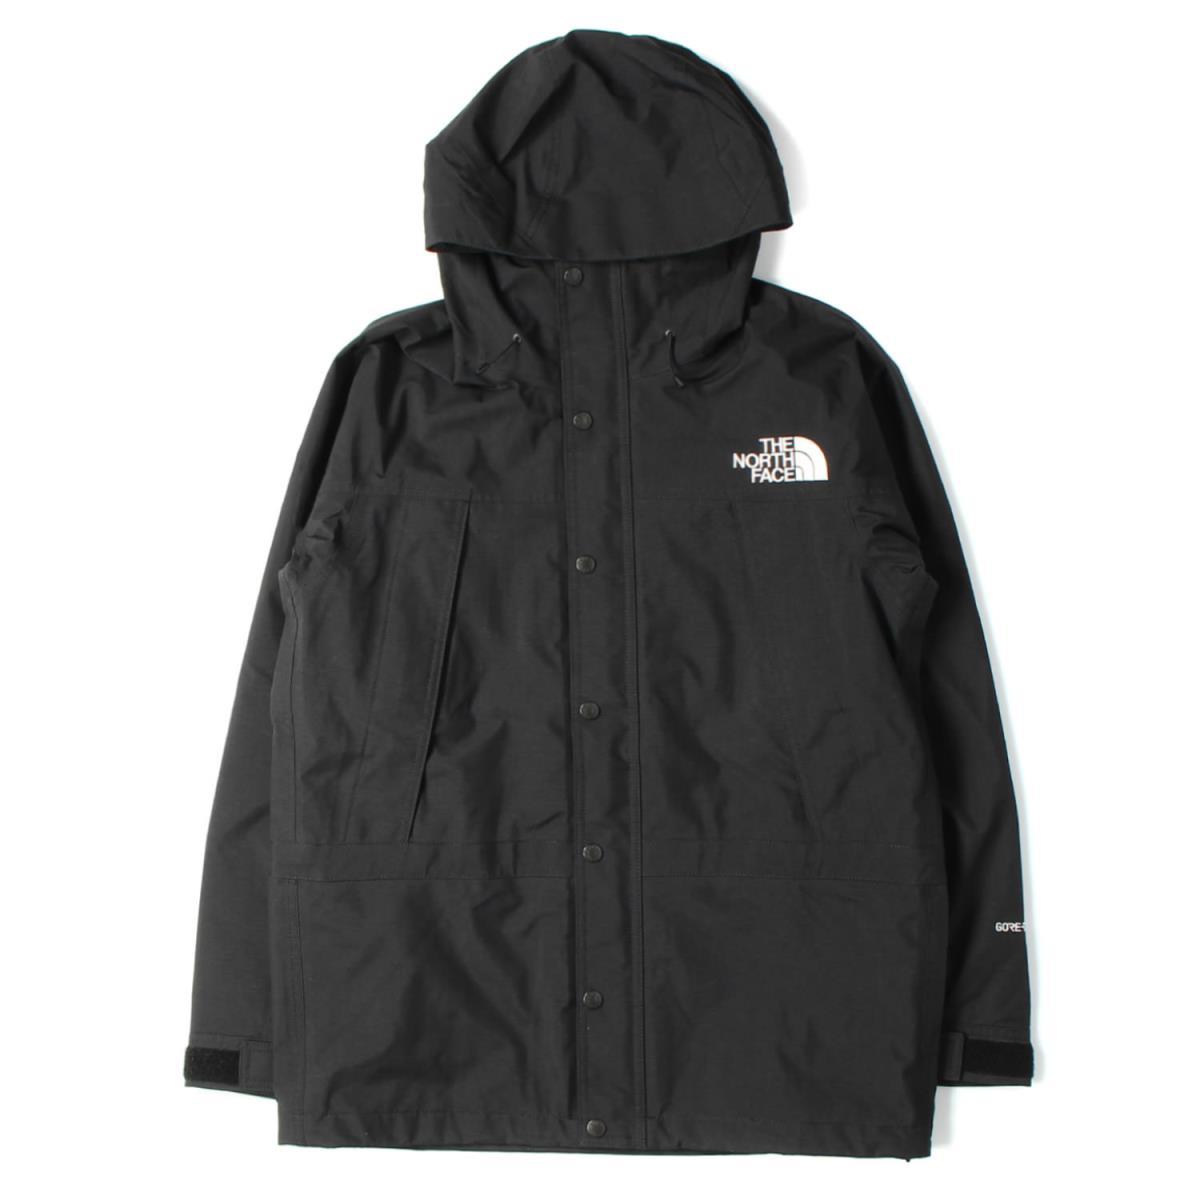 THE NORTH FACE ザ ノースフェイス ジャケット GORE-TEX マウンテンライトジャケット Mountain Light Jacket ブラック(K) M 【メンズ】【美品】【中古】【K2586】